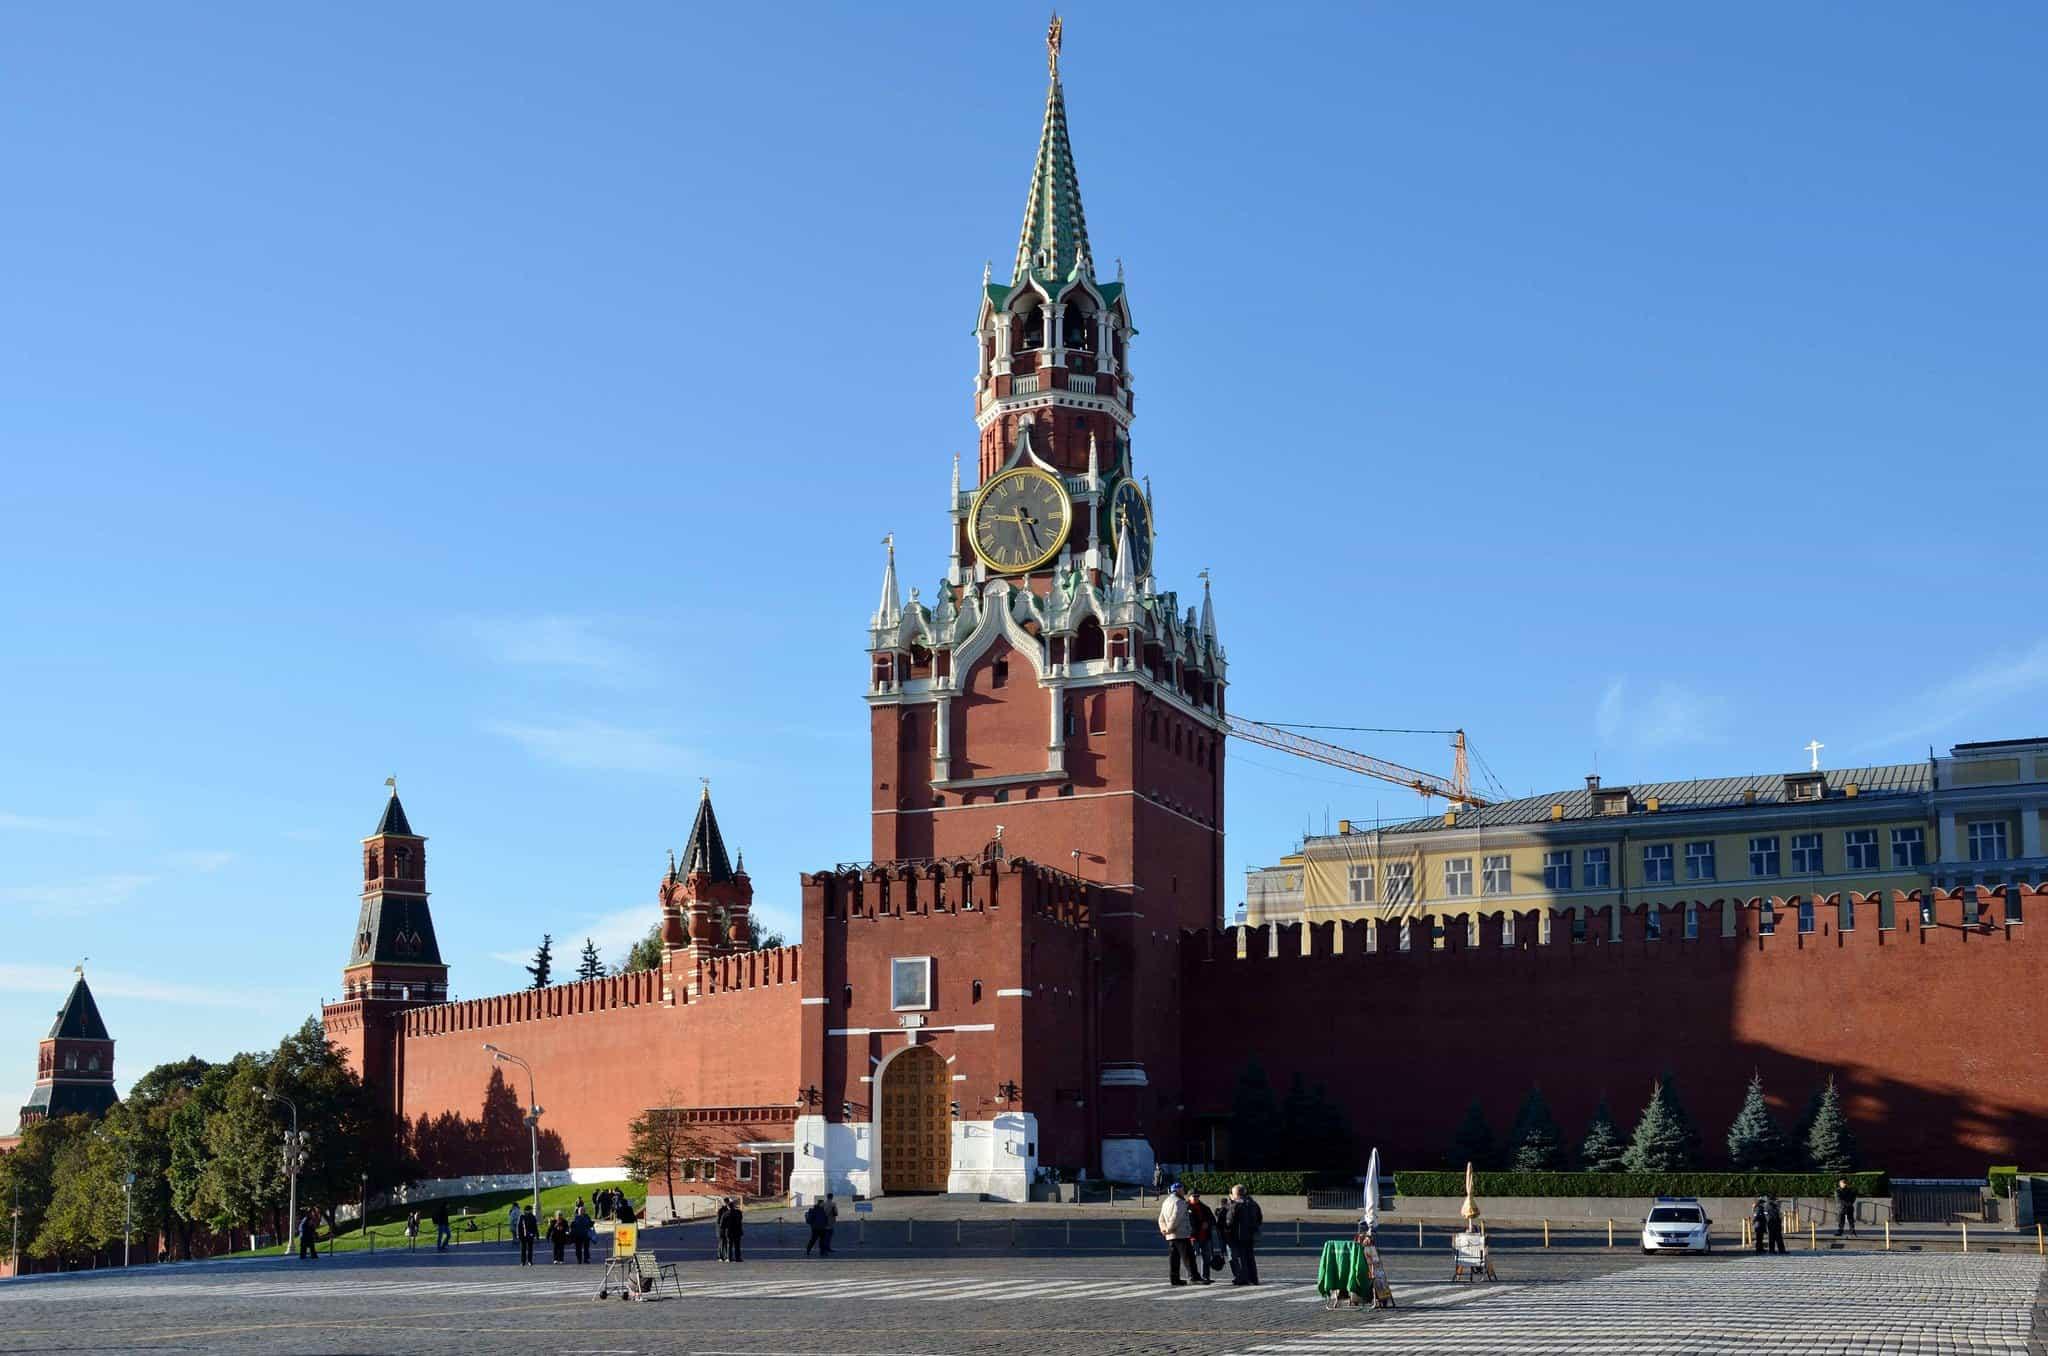 Почему главная башня московского Кремля называется Спасской?